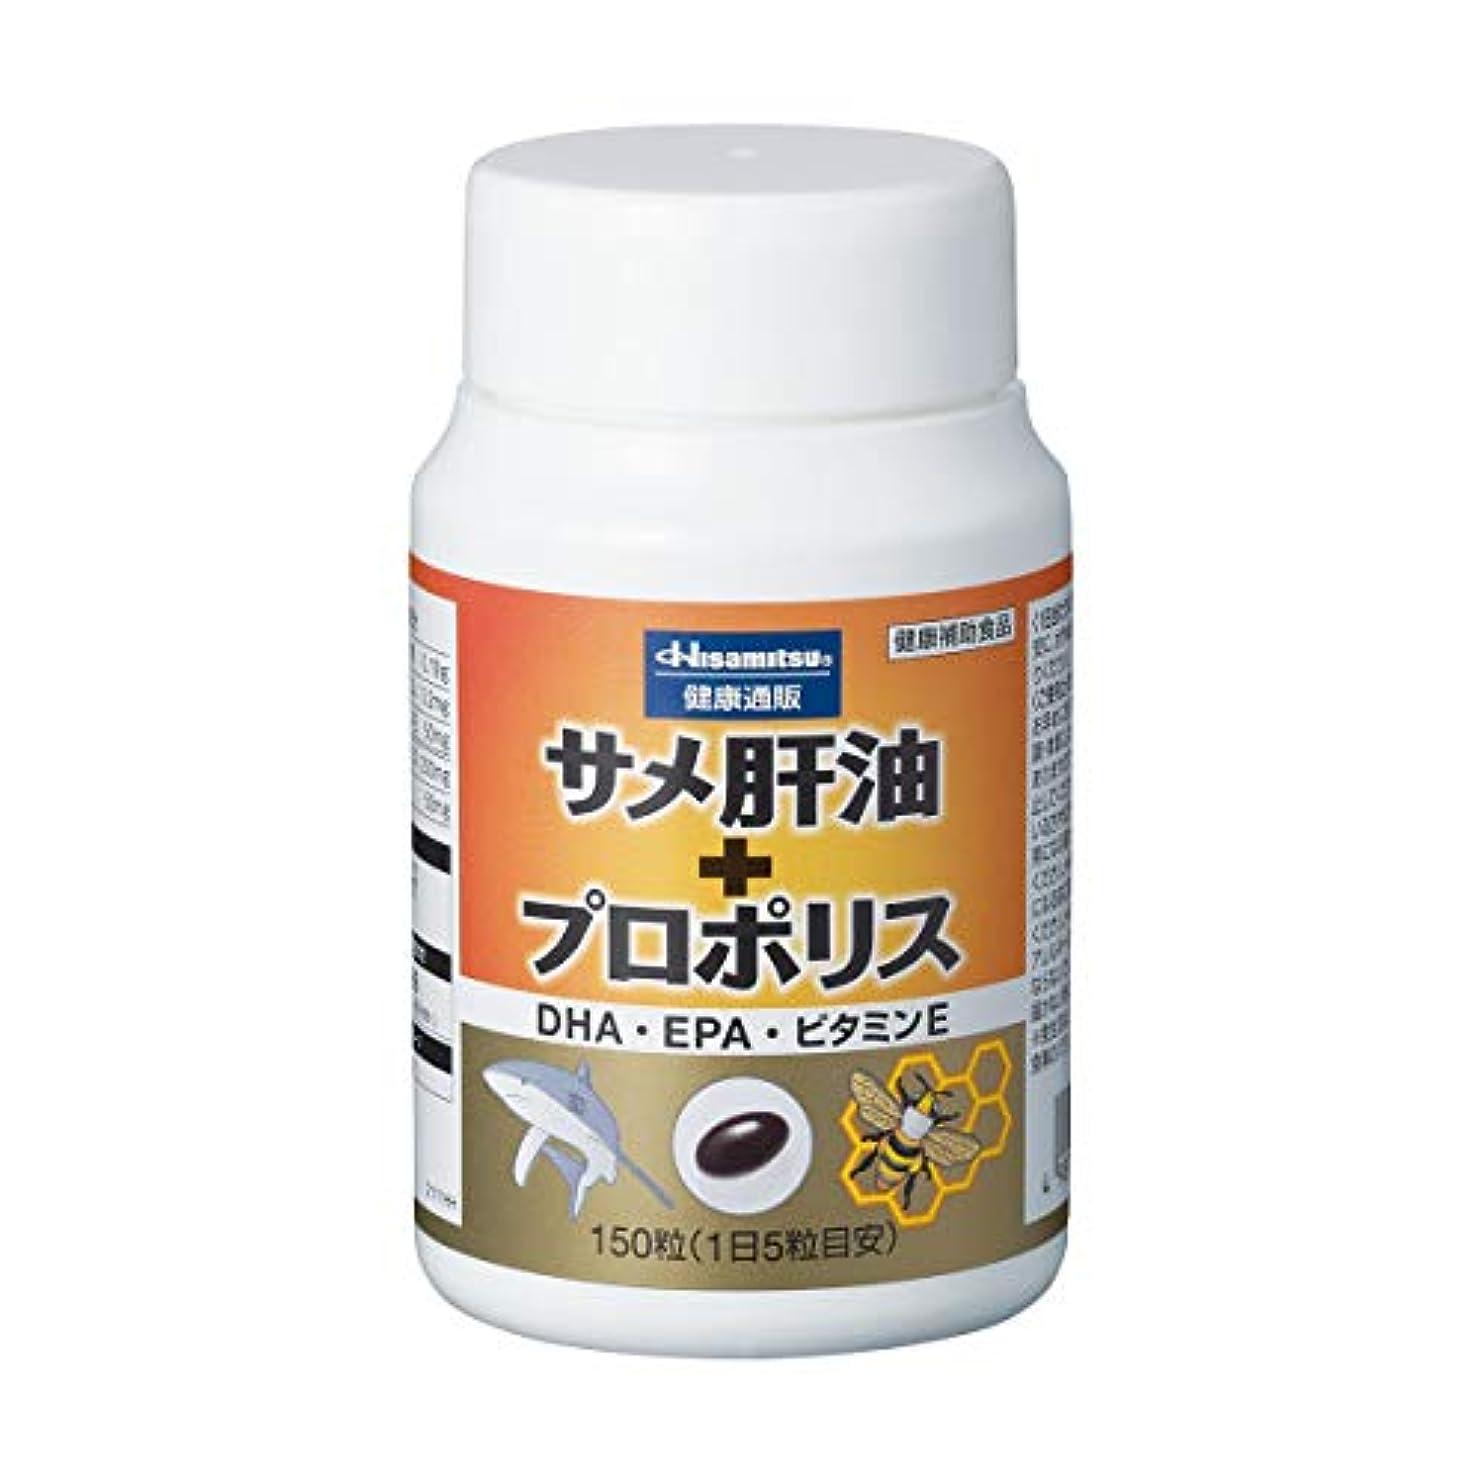 マリナースケッチテクニカルサメ肝油 + プロポリス 150粒 DHA EPA ビタミンE 配合 久光製薬